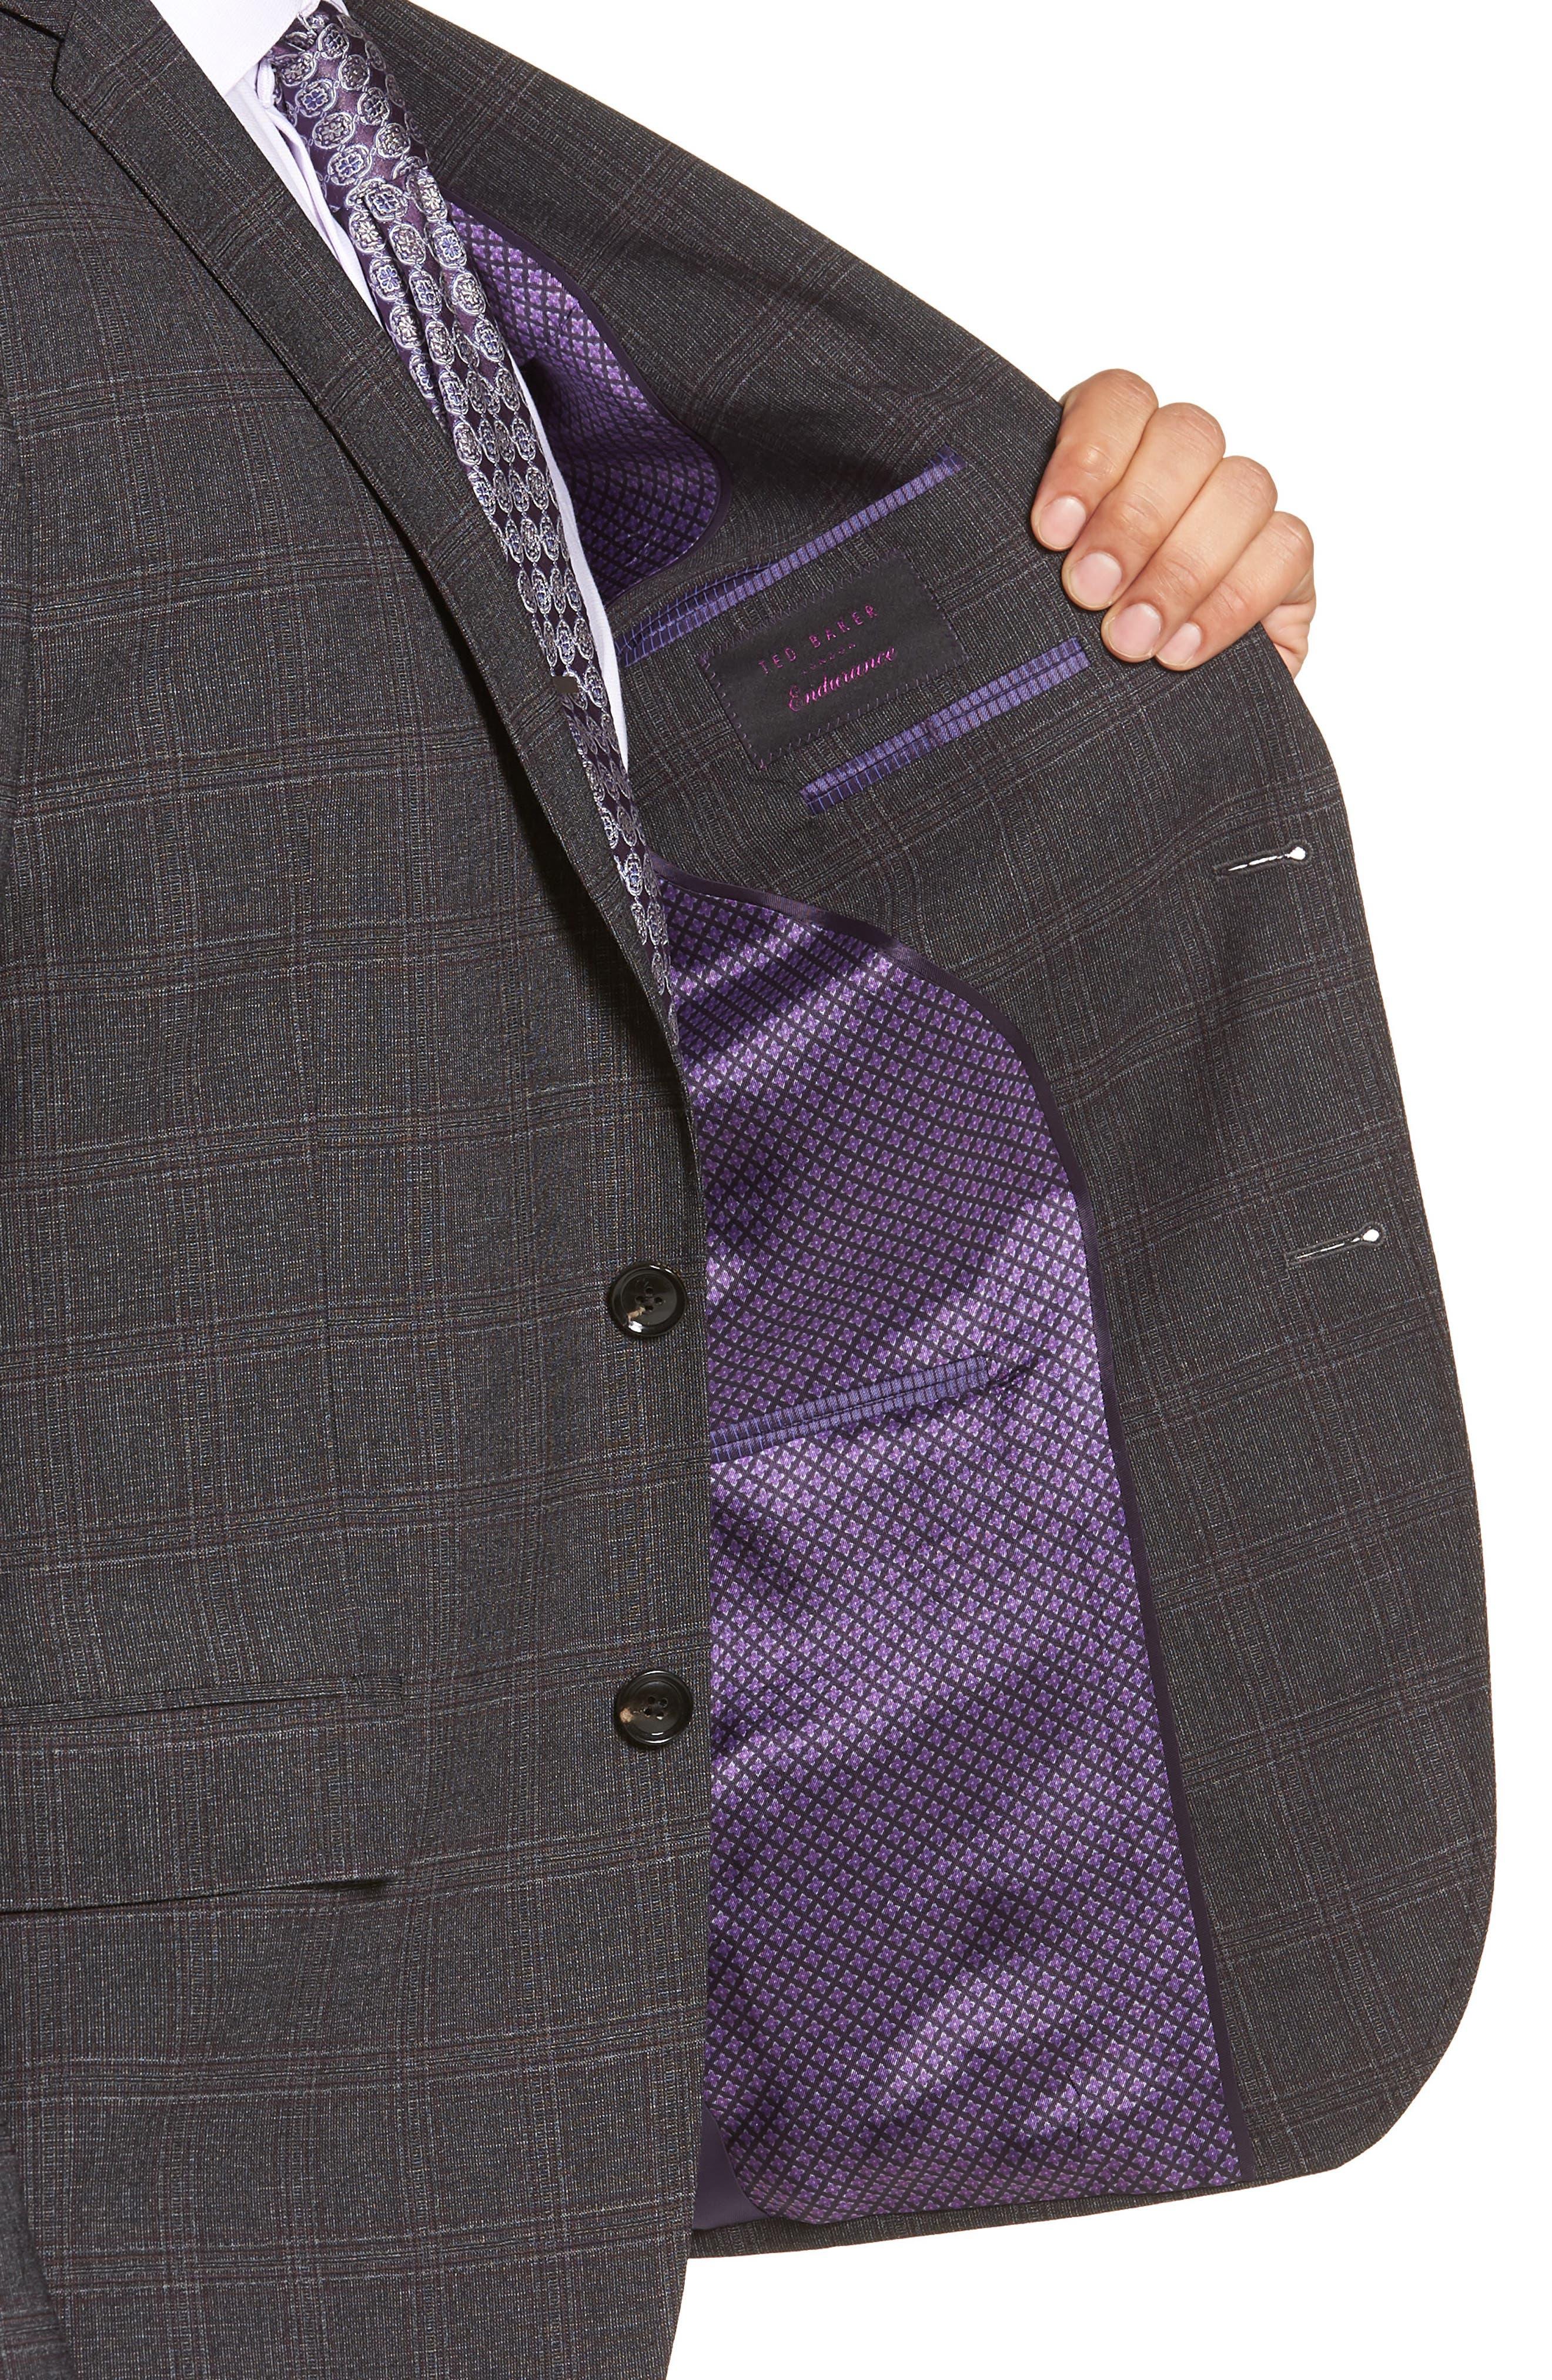 Jay Trim Fit Plaid Wool Suit,                             Alternate thumbnail 4, color,                             CHARCOAL